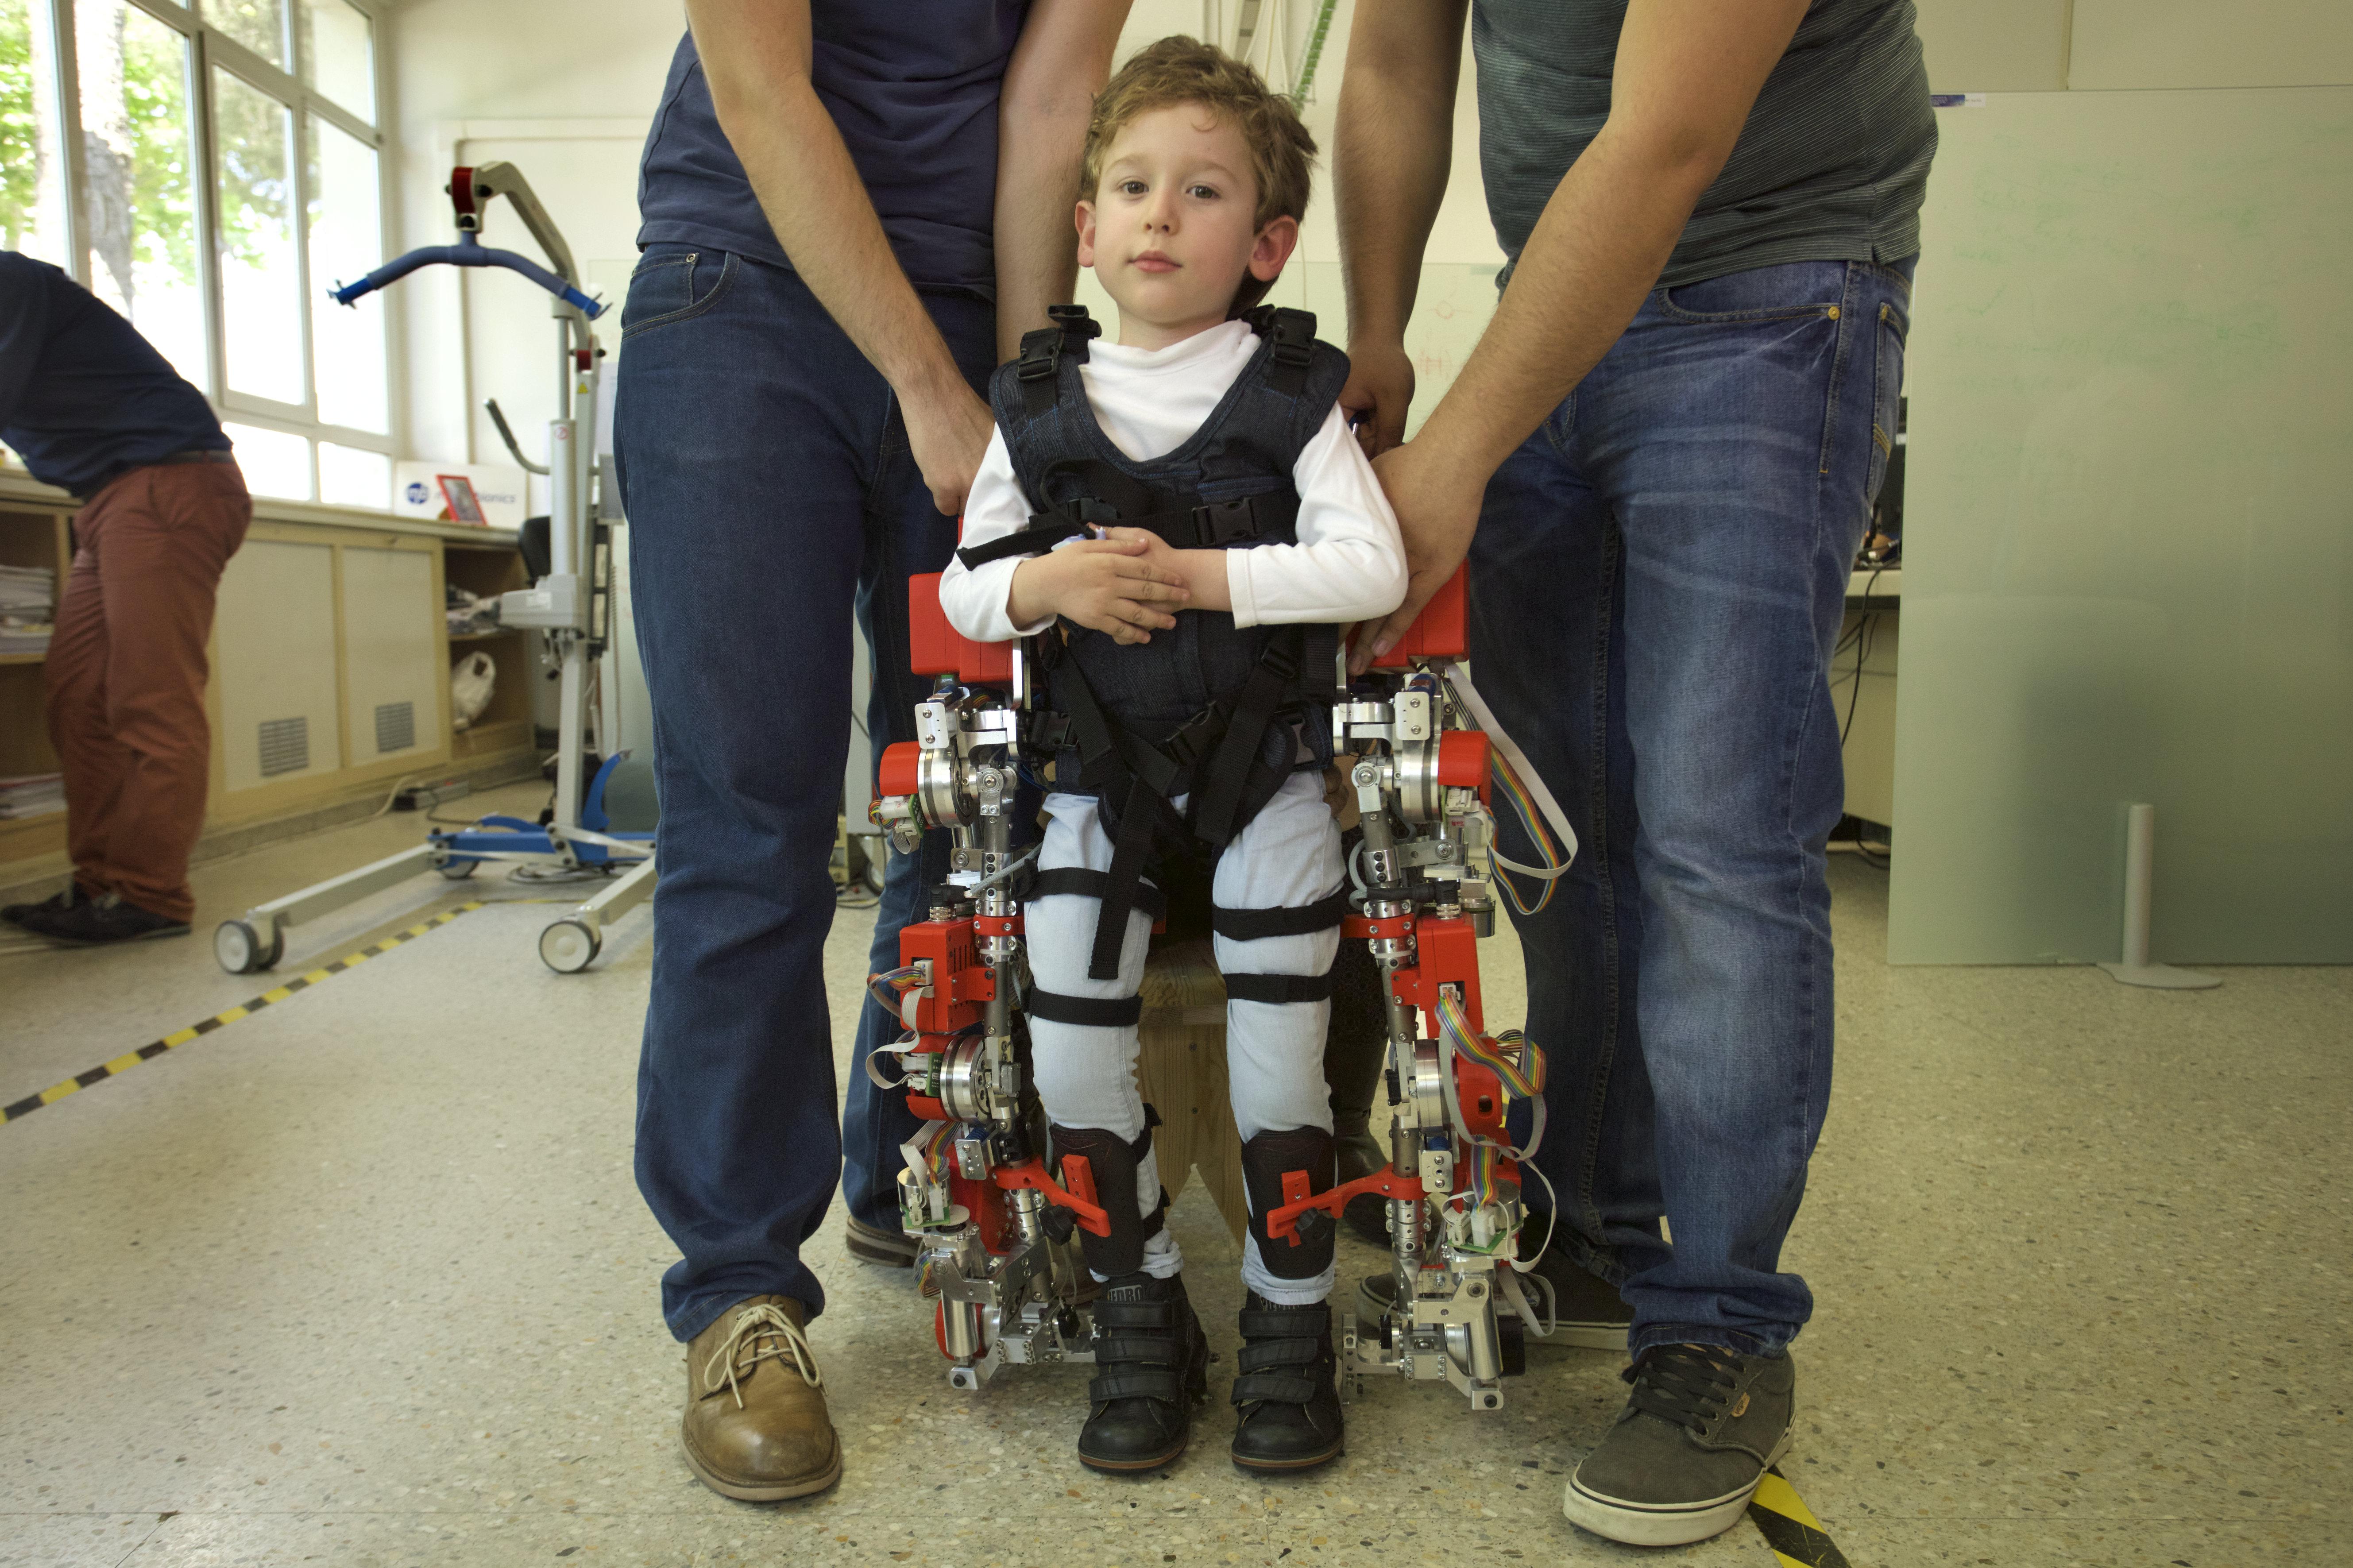 imagen de Álvaro, afectado por atrofia muscular espinal, desarrolla su movilidad con el exoesqueleto ATLAS 2030. / CSIC